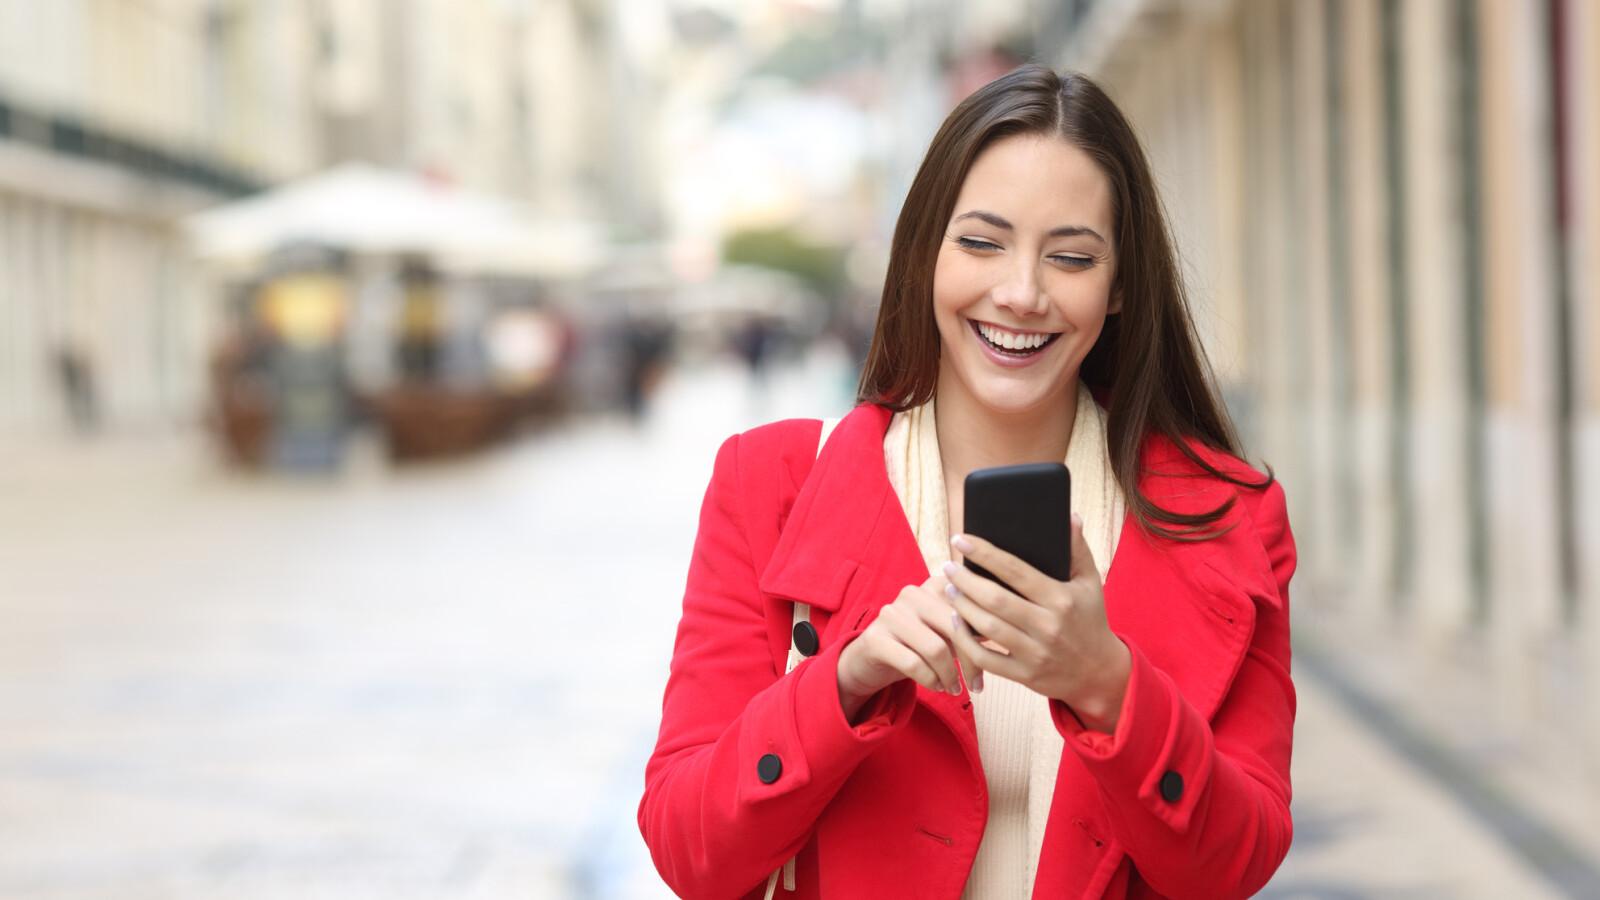 Statt 3,49 Euro kostenlos: Diese App sollte auf jedem Handy vorinstalliert sein - NETZWELT